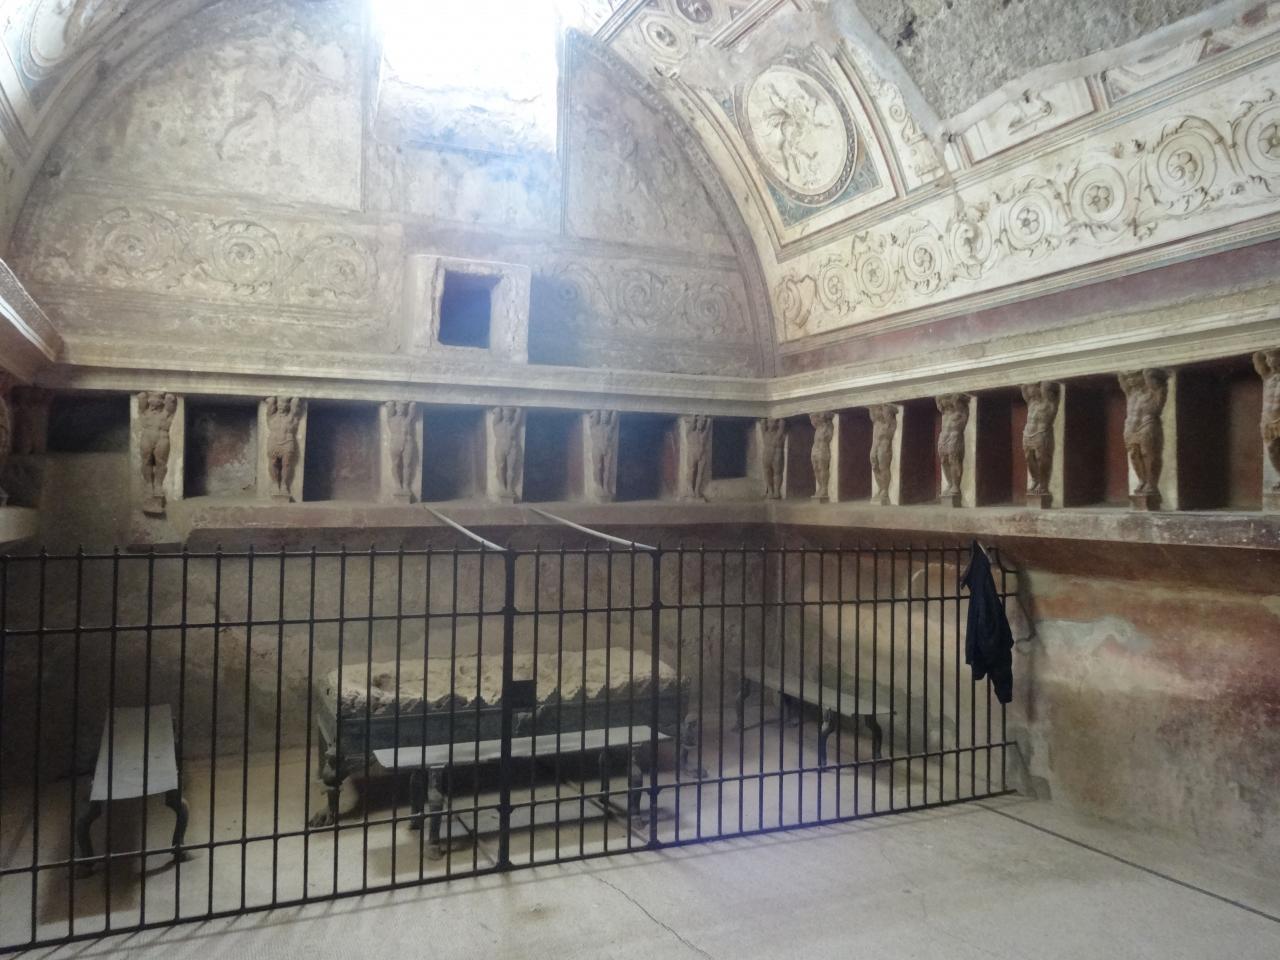 ポンペイ、ヘルクラネウム及びトッレ・アンヌンツィアータの遺跡地域の画像 p1_16